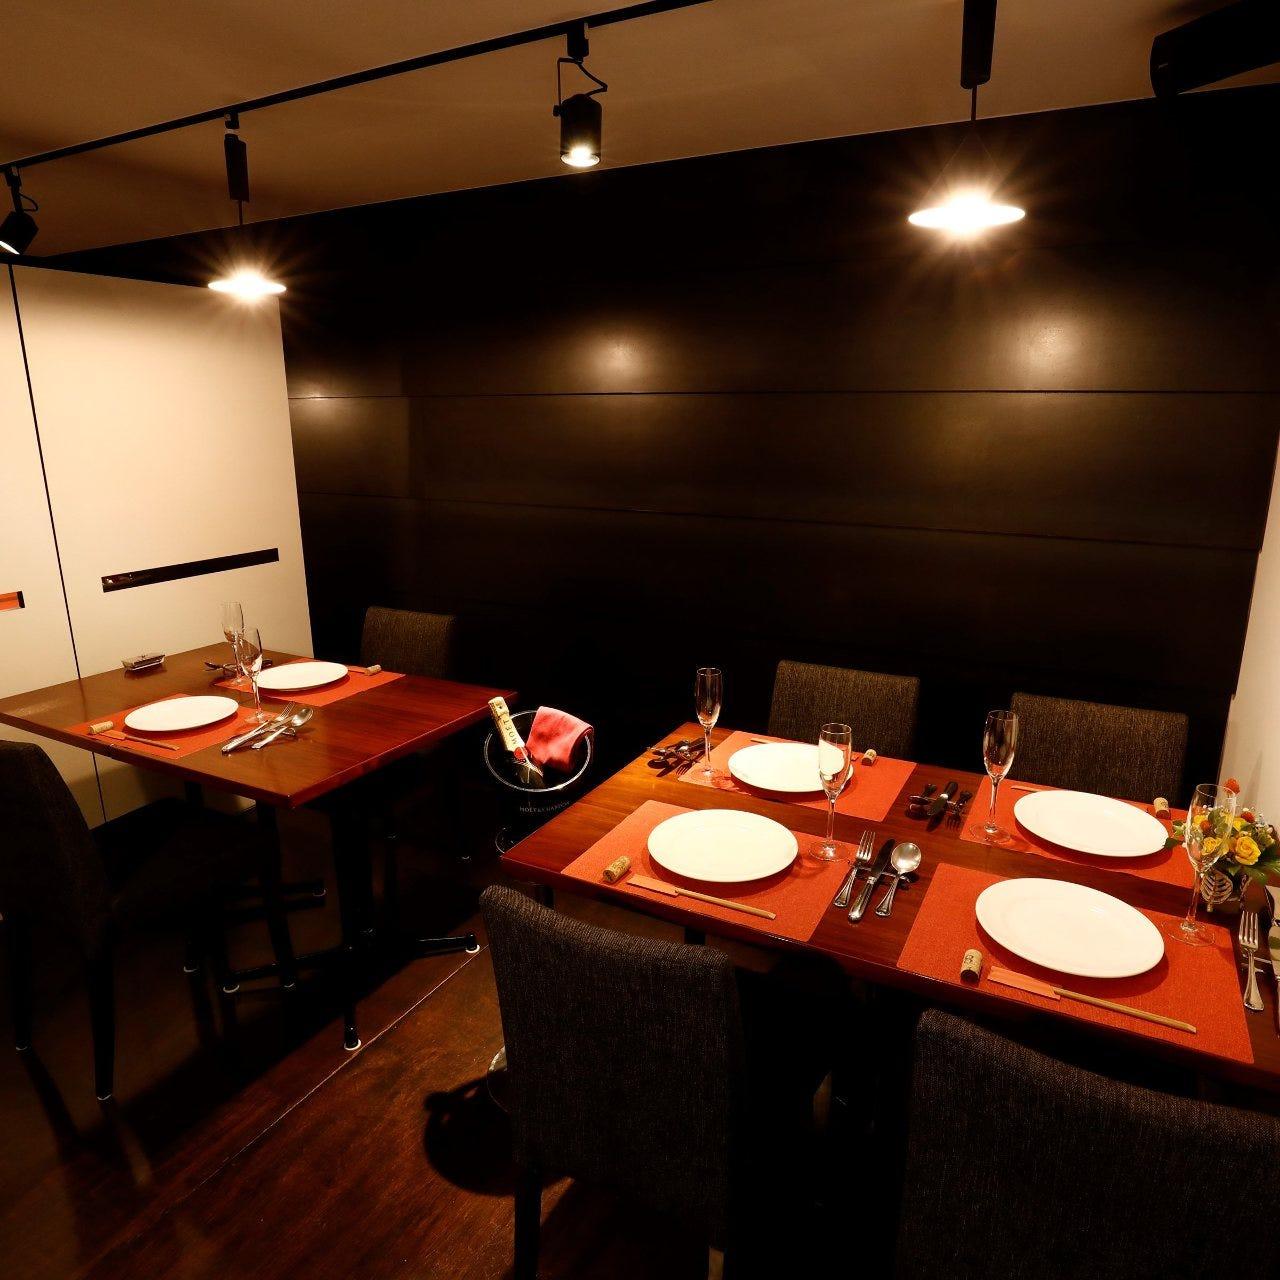 テーブル席・完全個室(壁・扉あり)・2名様~12名様